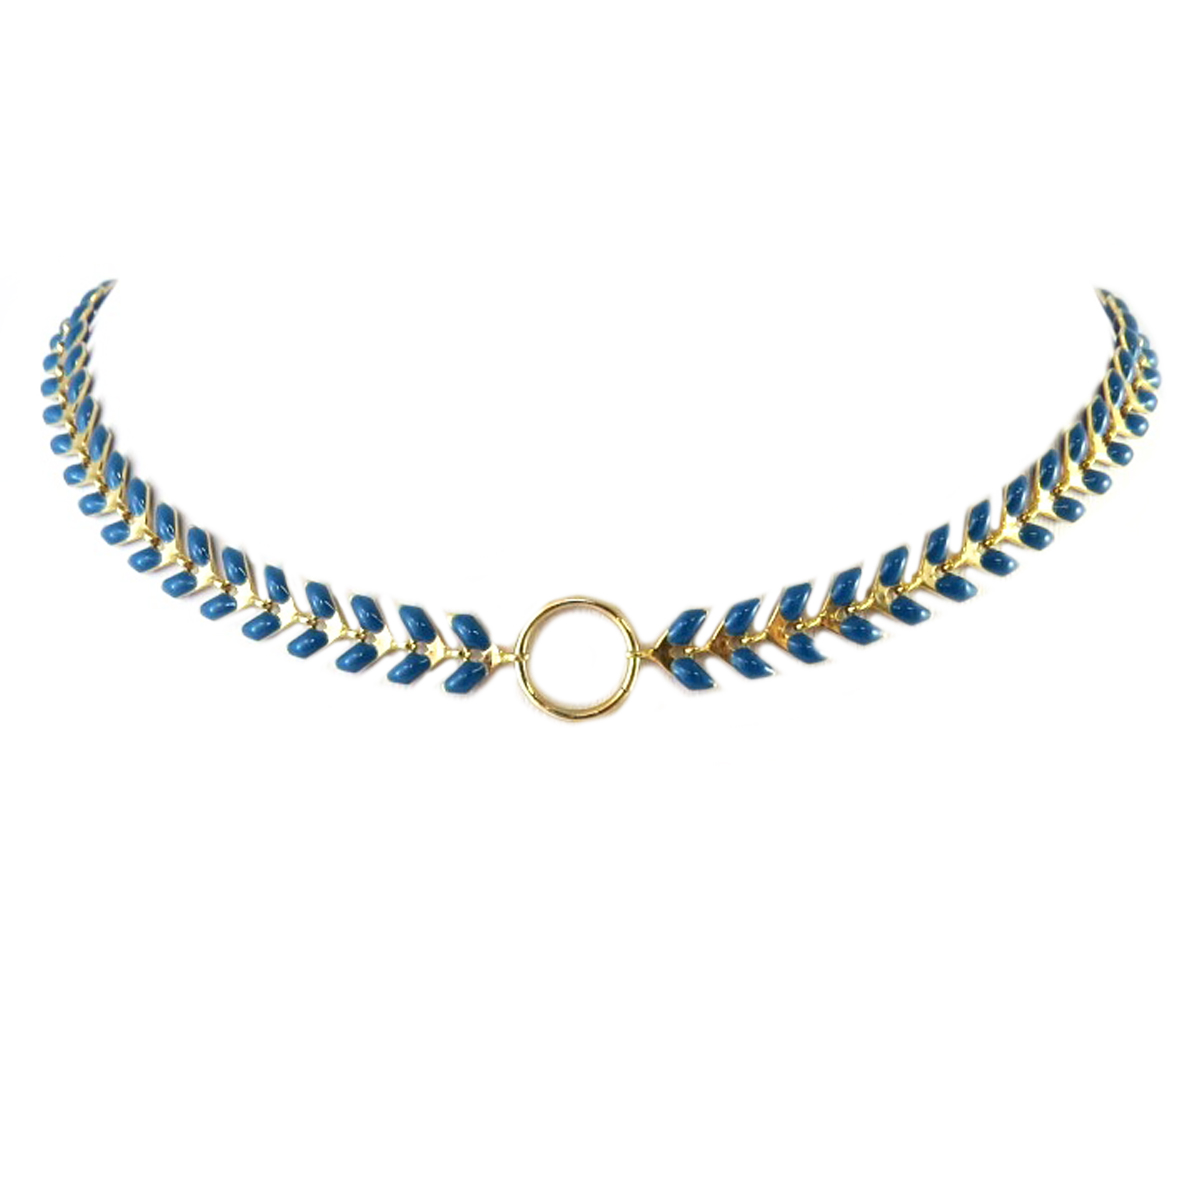 Collier artisanal \'Boho\' turquoise foncé doré (épi de blé) - 35 cm 6 mm - [Q1450]